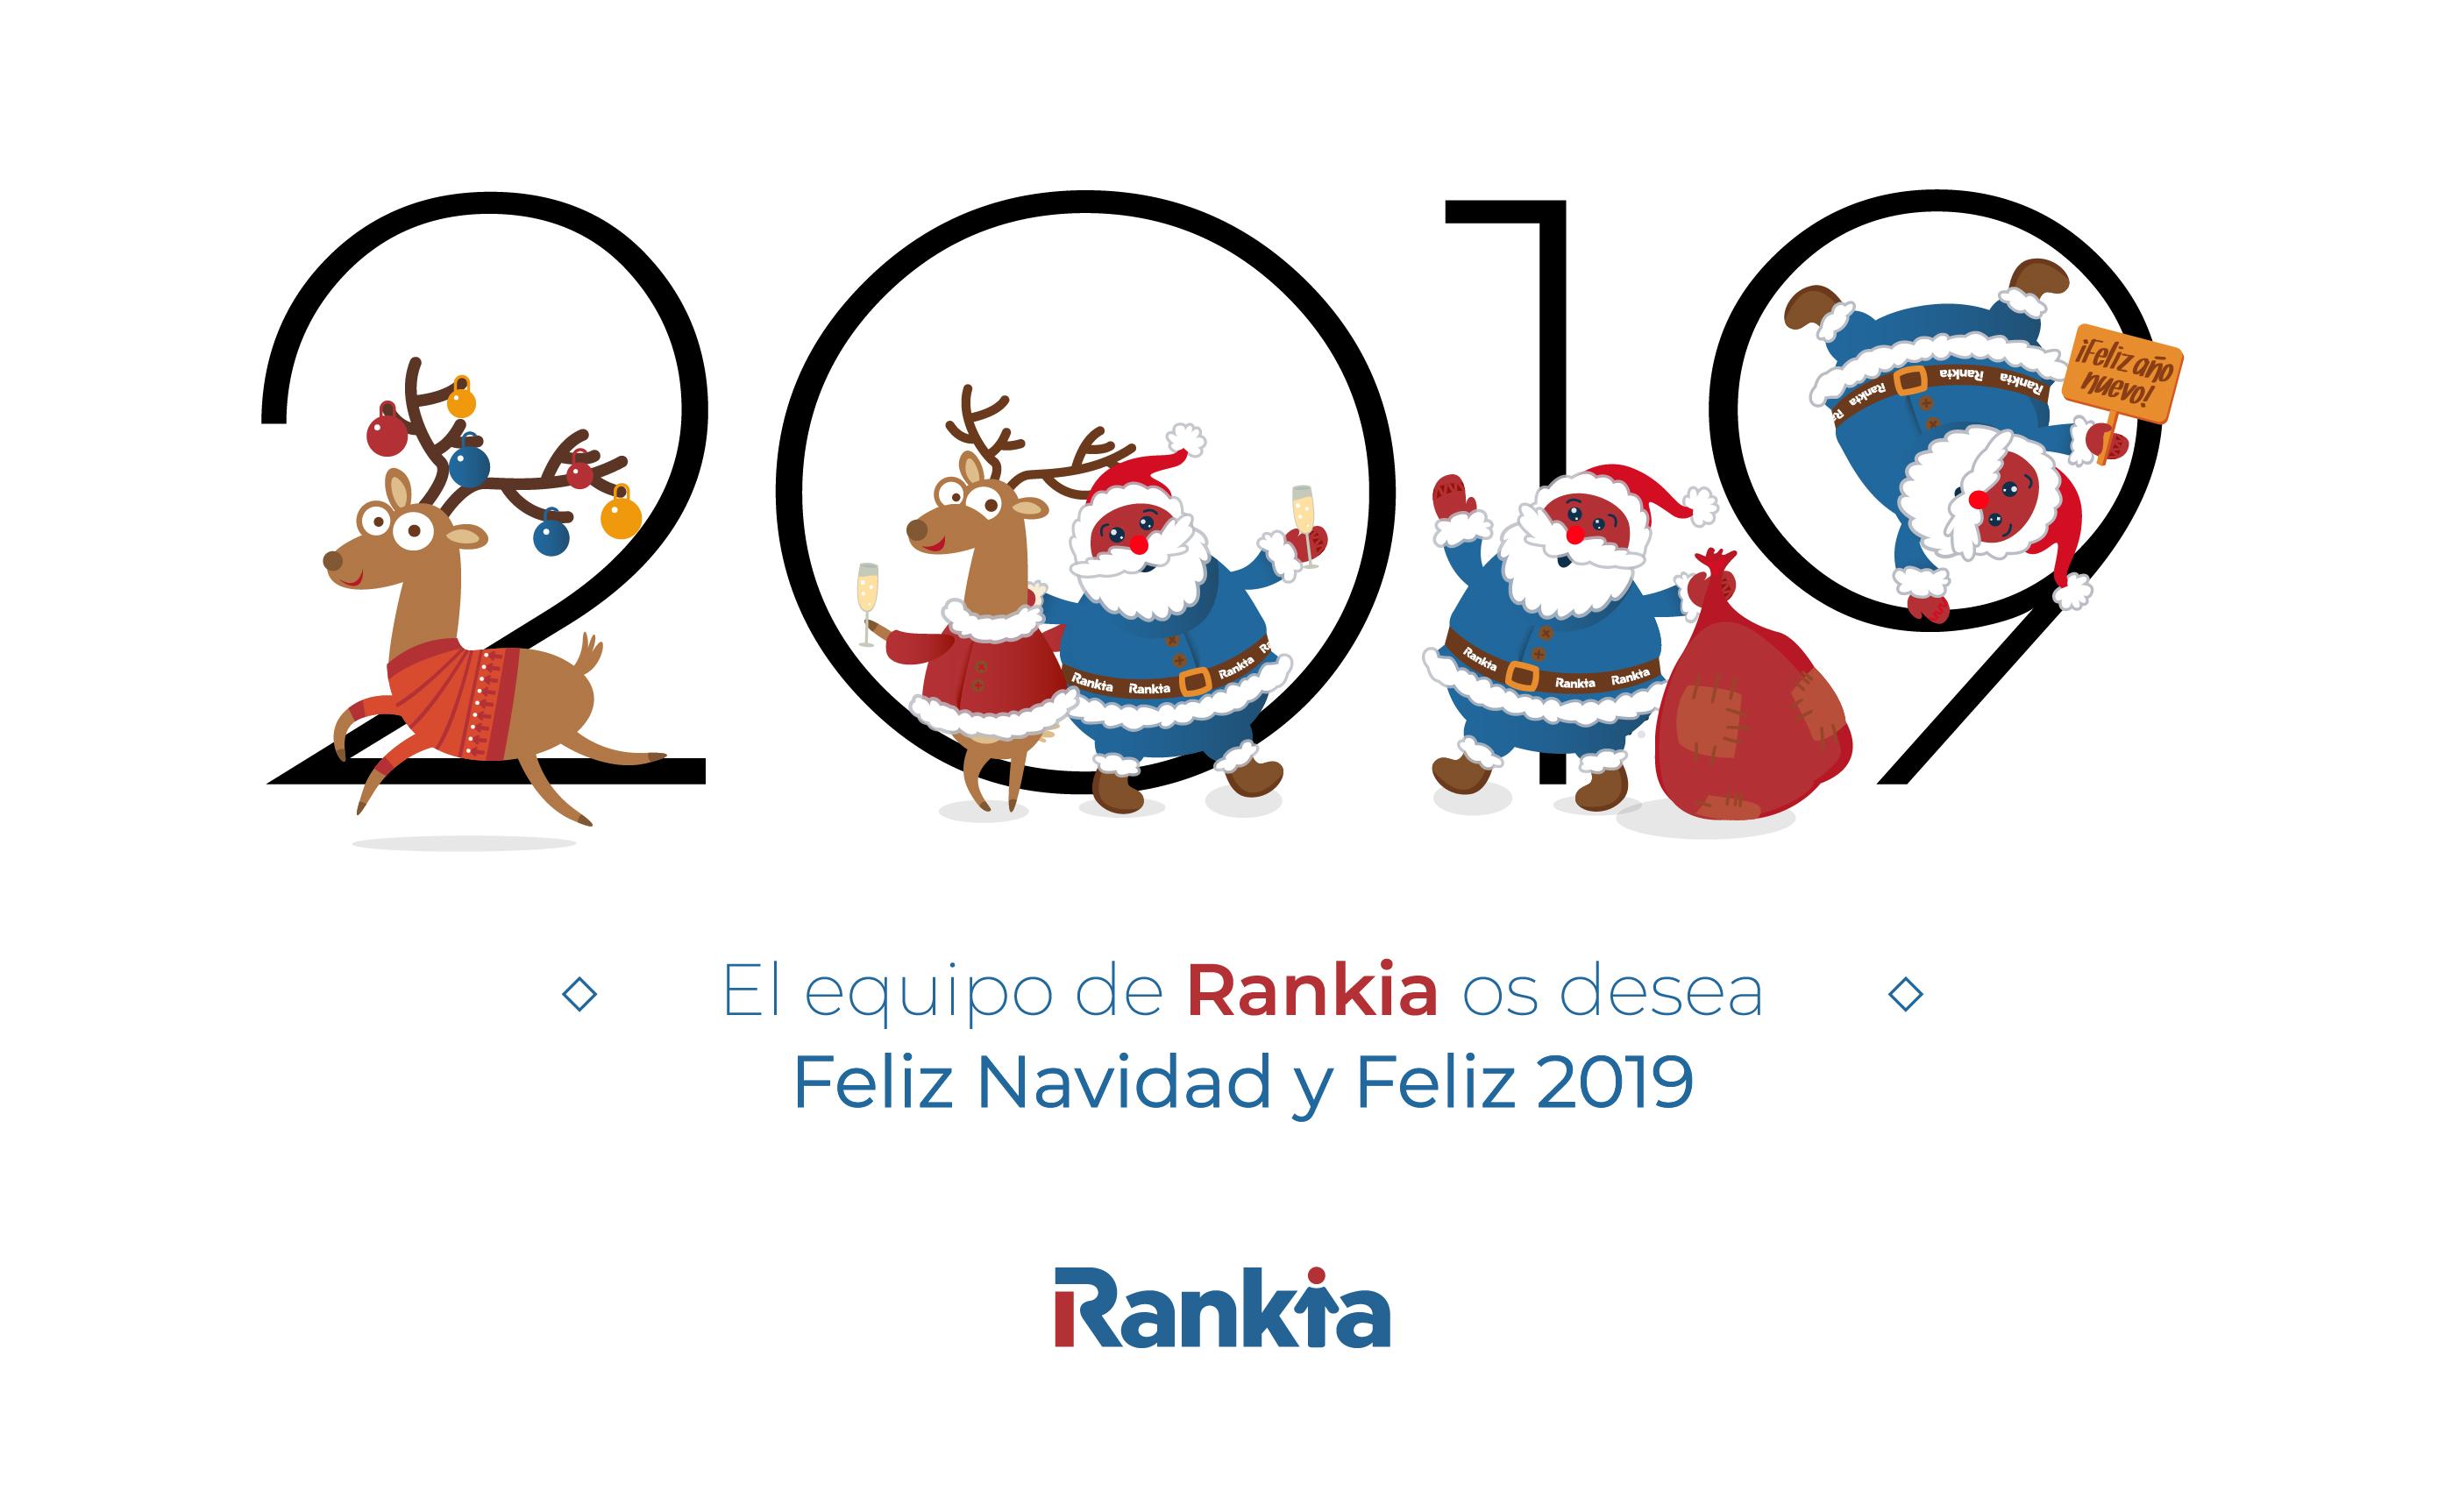 ¡Feliz Año 2019! 10 propósitos financieros para el nuevo año